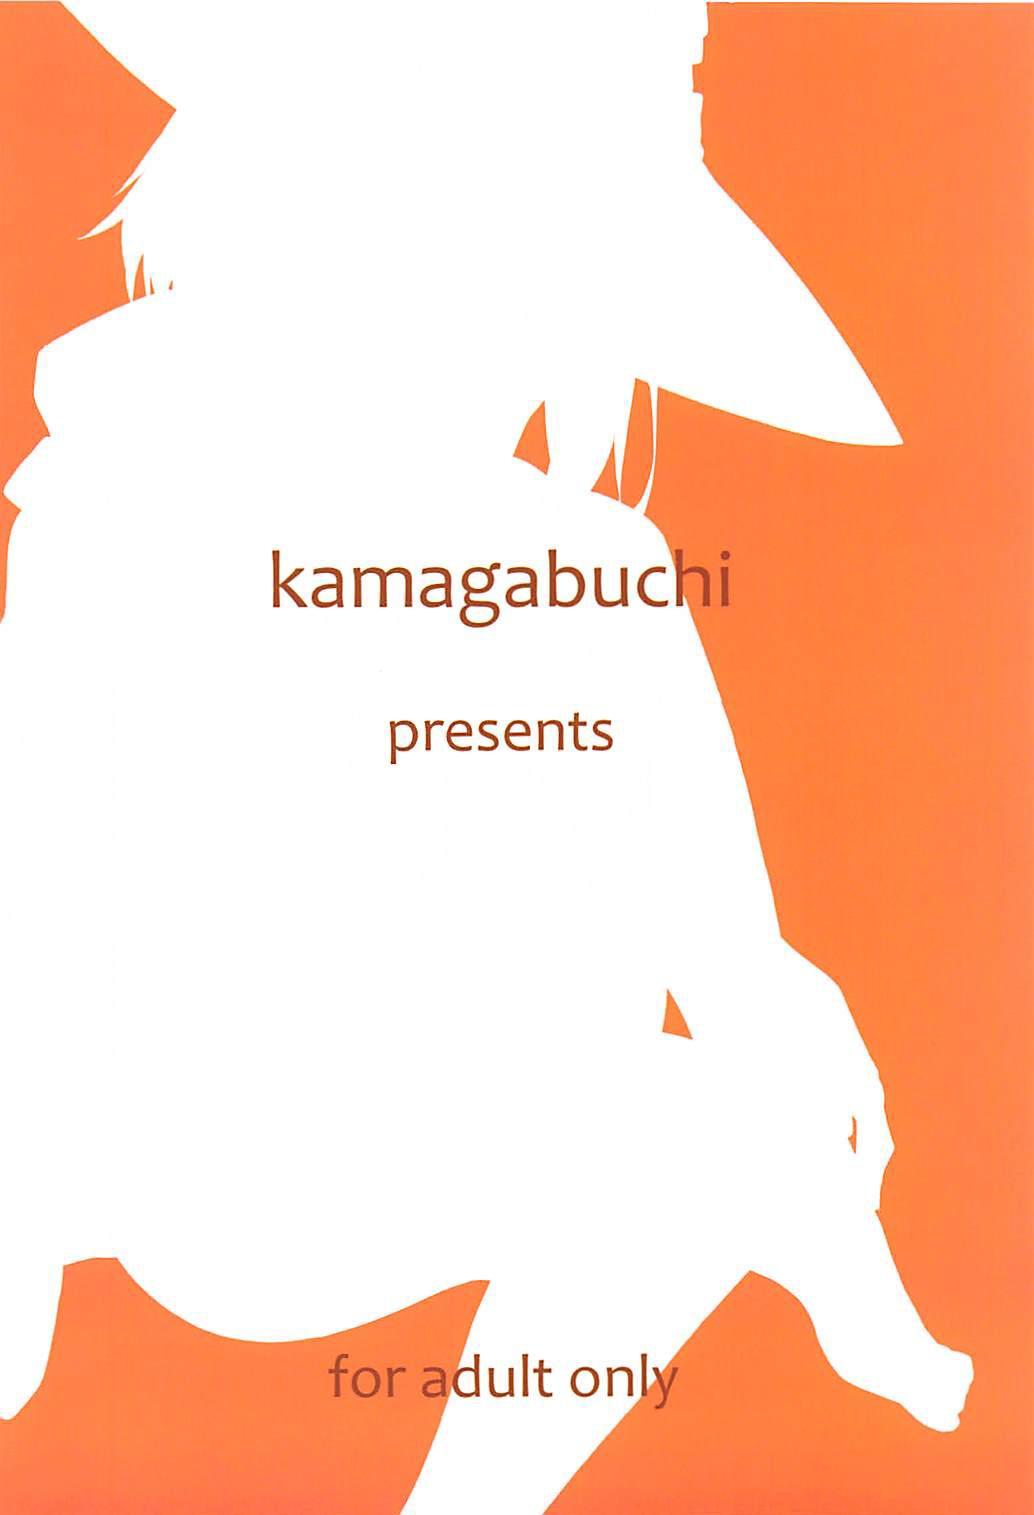 Archwizard wa Bakuretsu Mahou no Yume o Miru ka? | Do Archwizards Dream of Explosion Magic? 25